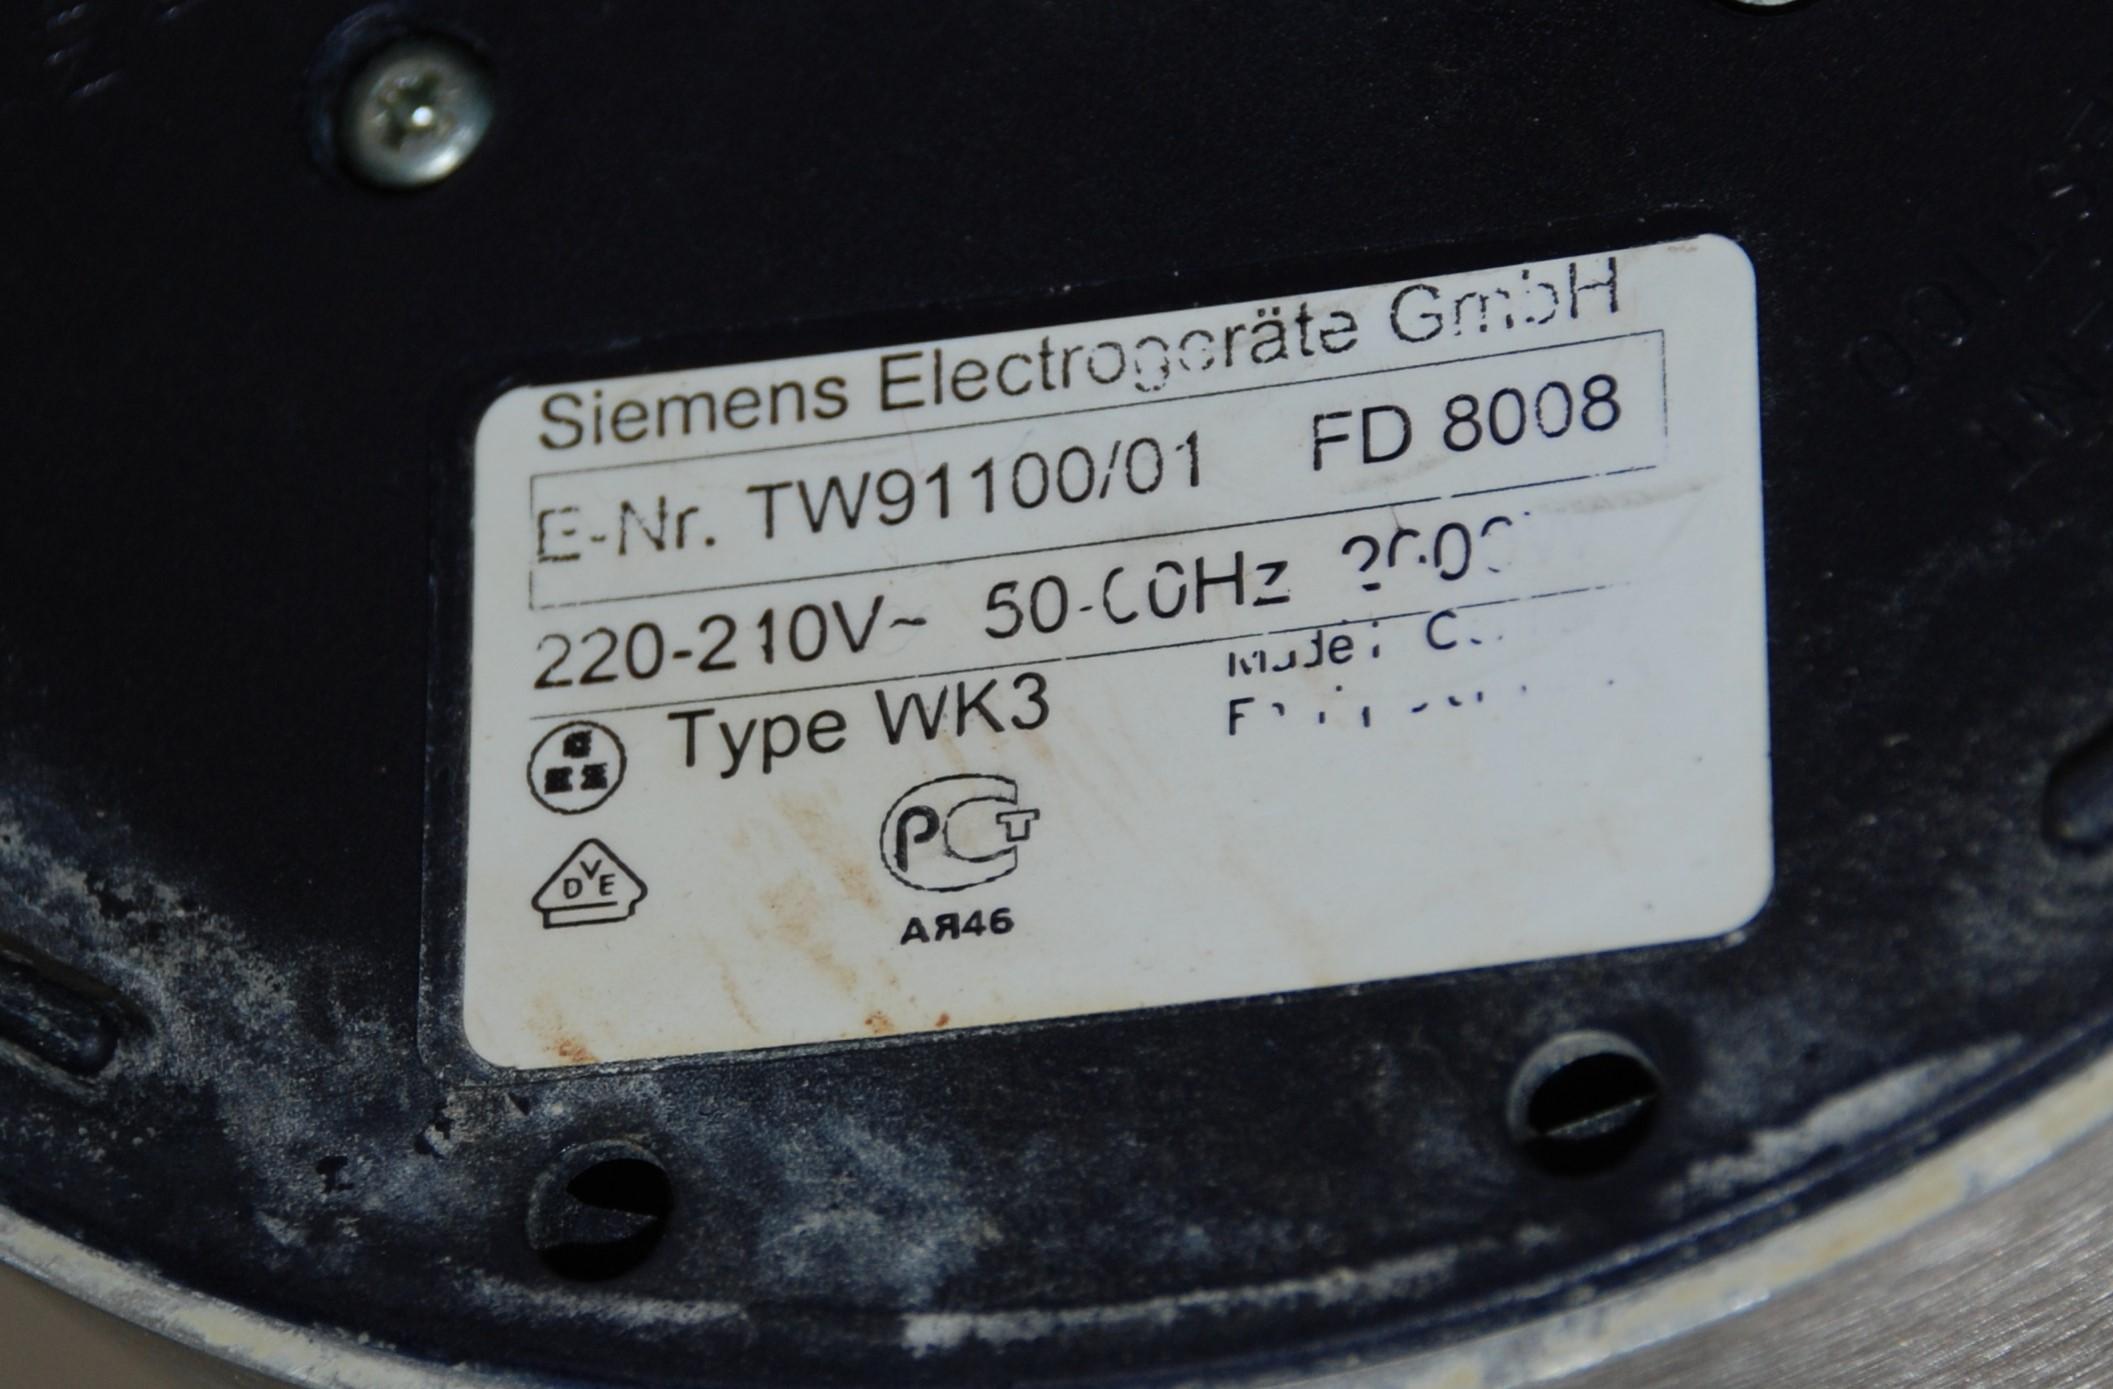 siemens wasserkocher porsche design tw9110000 fd8008  ~ Wasserkocher Porsche Design